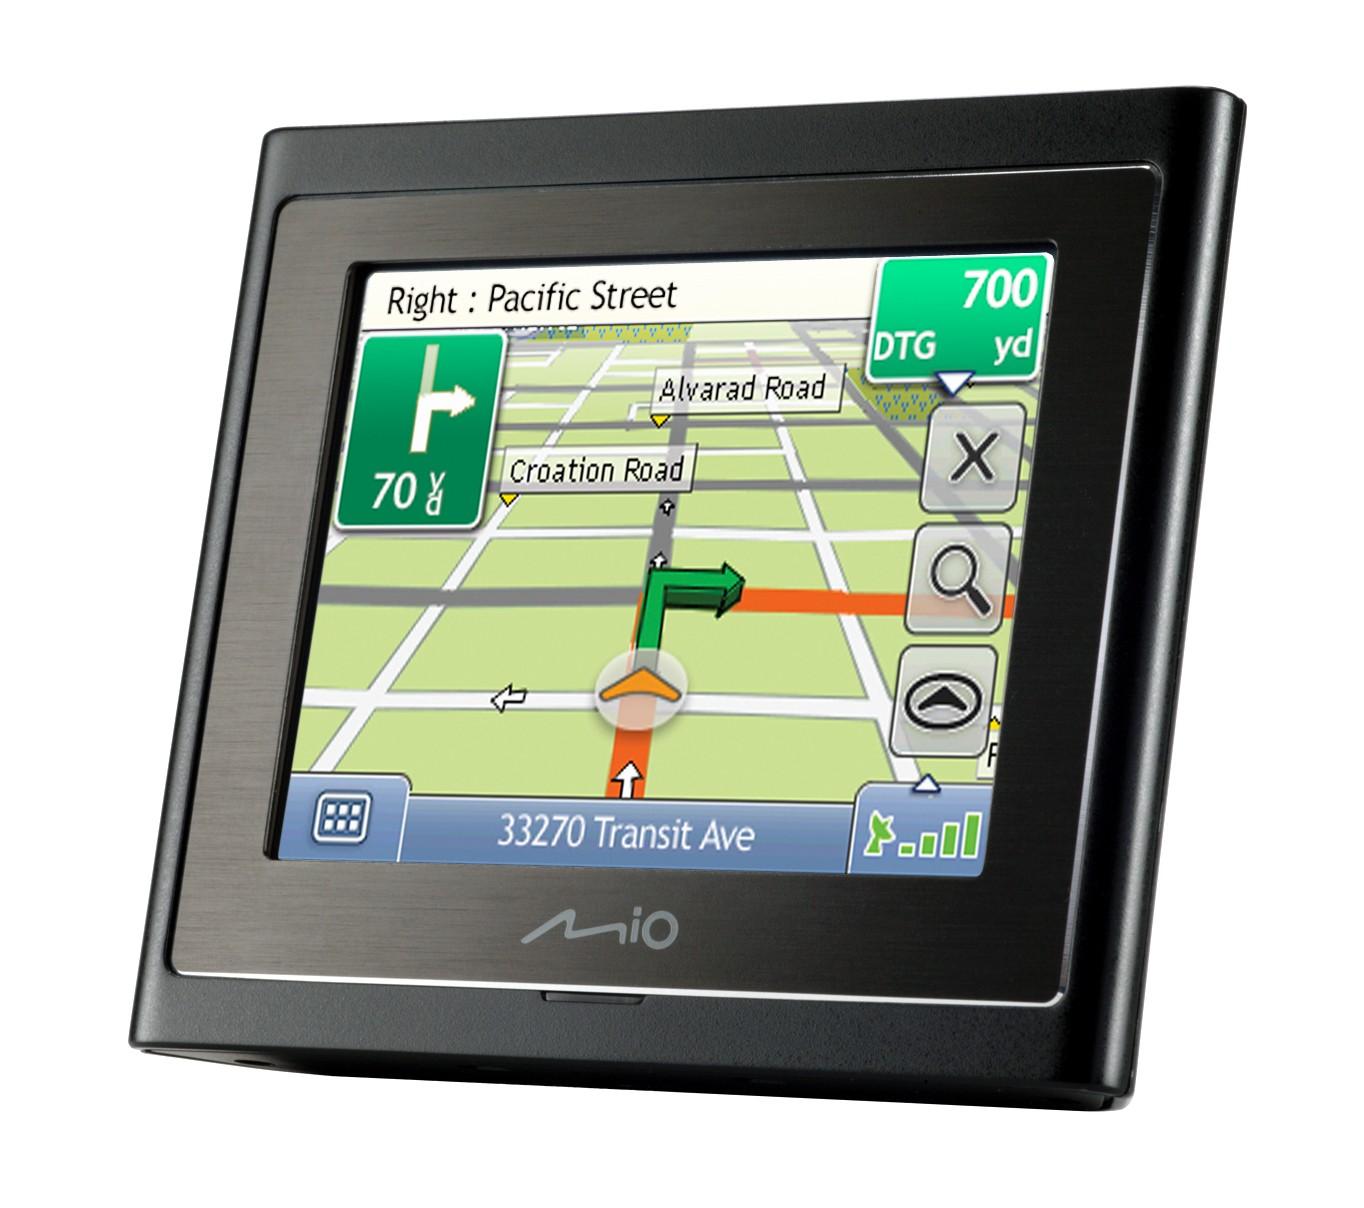 Mio Moov 200 Nordisk - Brugervenlig GPS Navigation til Bilen (1 STK. TILBAGE)